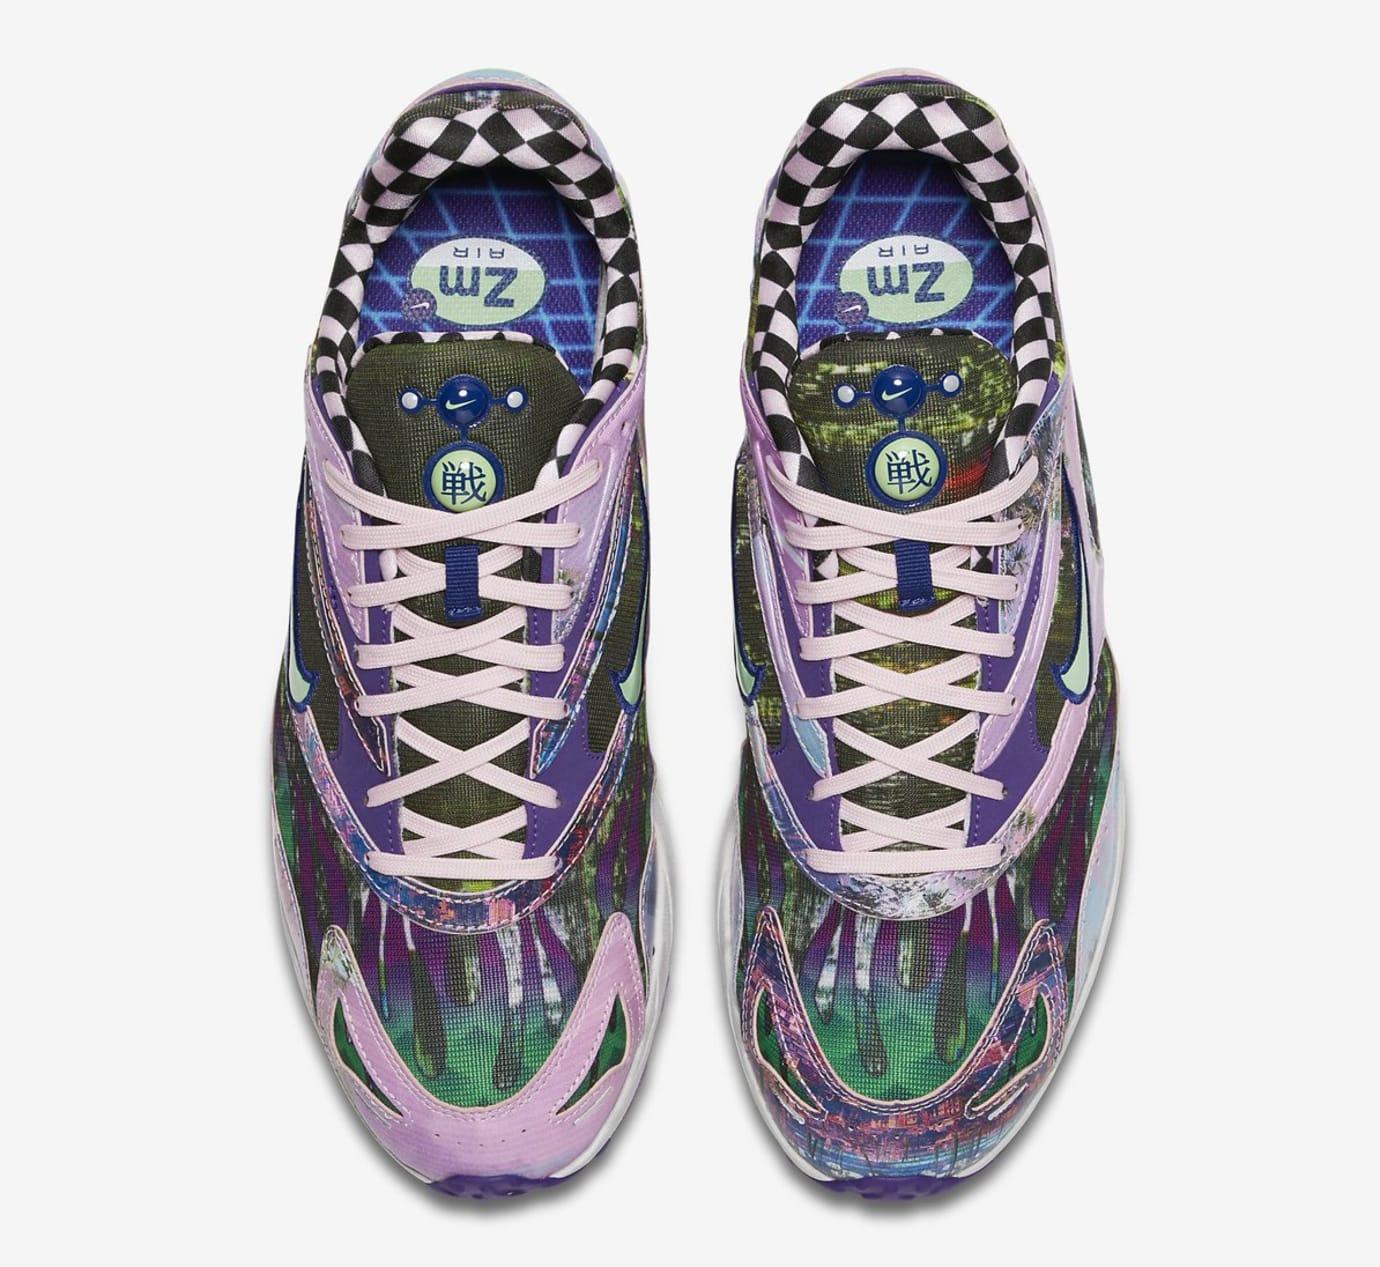 Nike Zoom Streak Spectrum Plus Premium 'Court Purple' (Top)